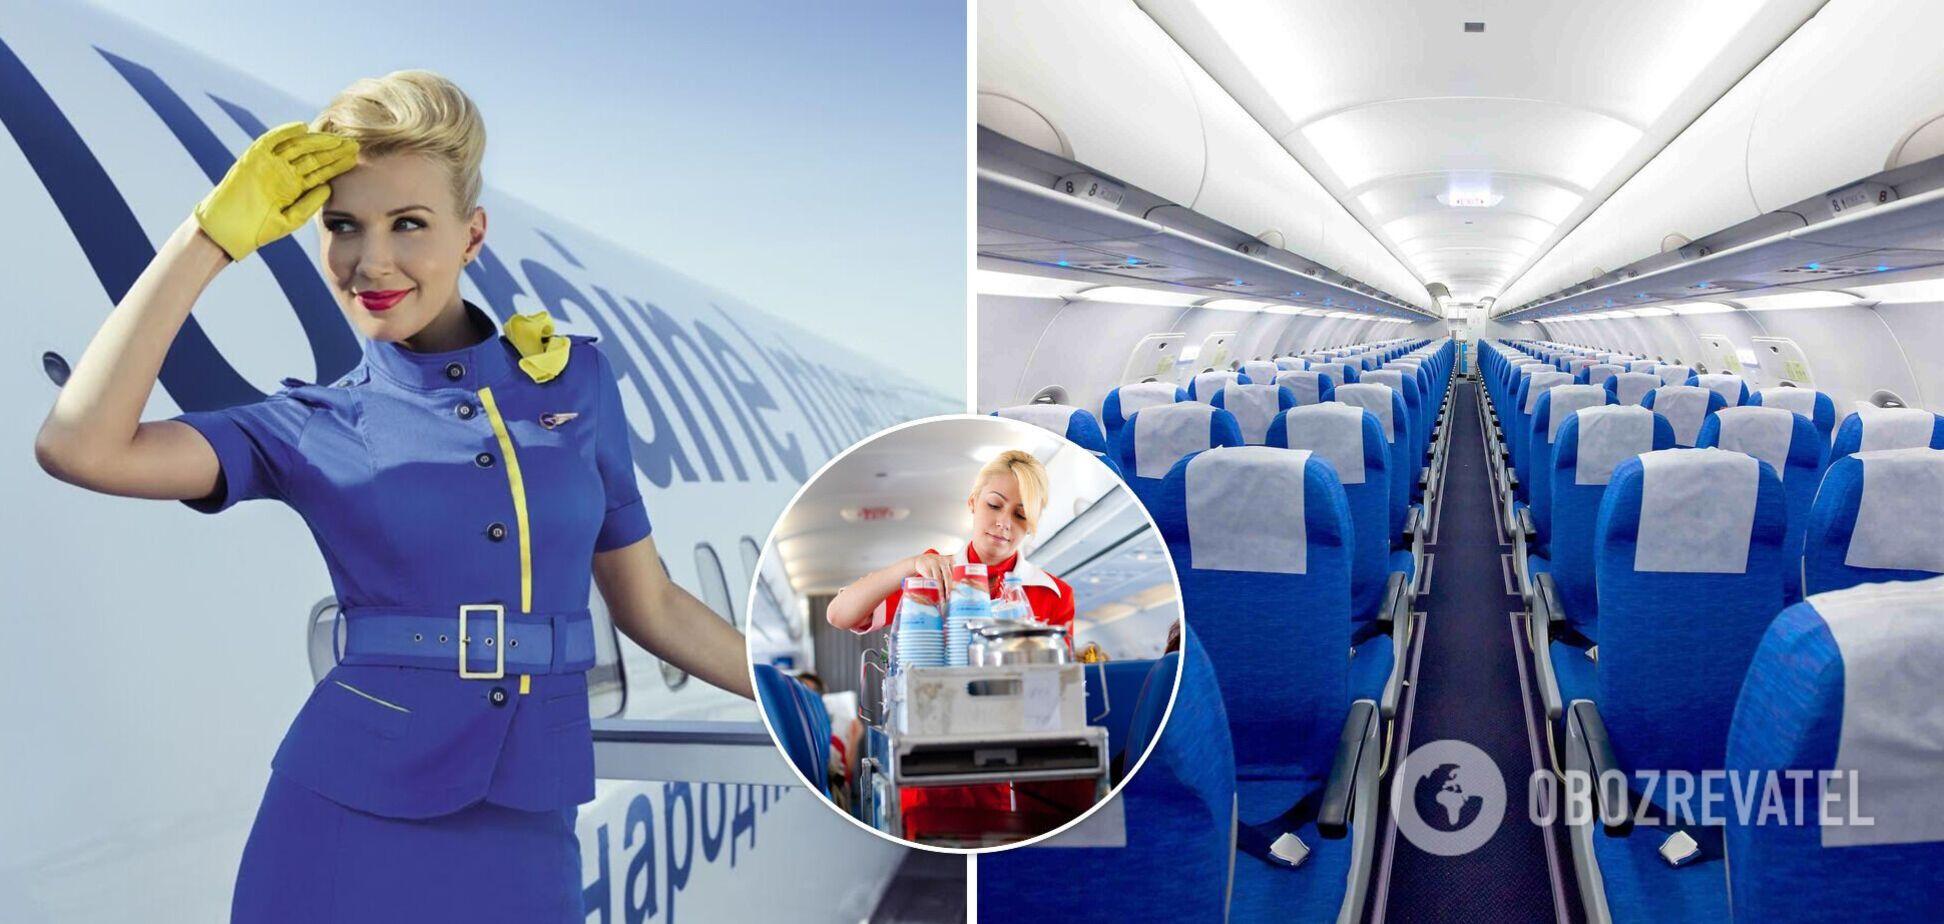 10 незручних запитань, які пасажири соромляться поставити стюардесі або стюардові